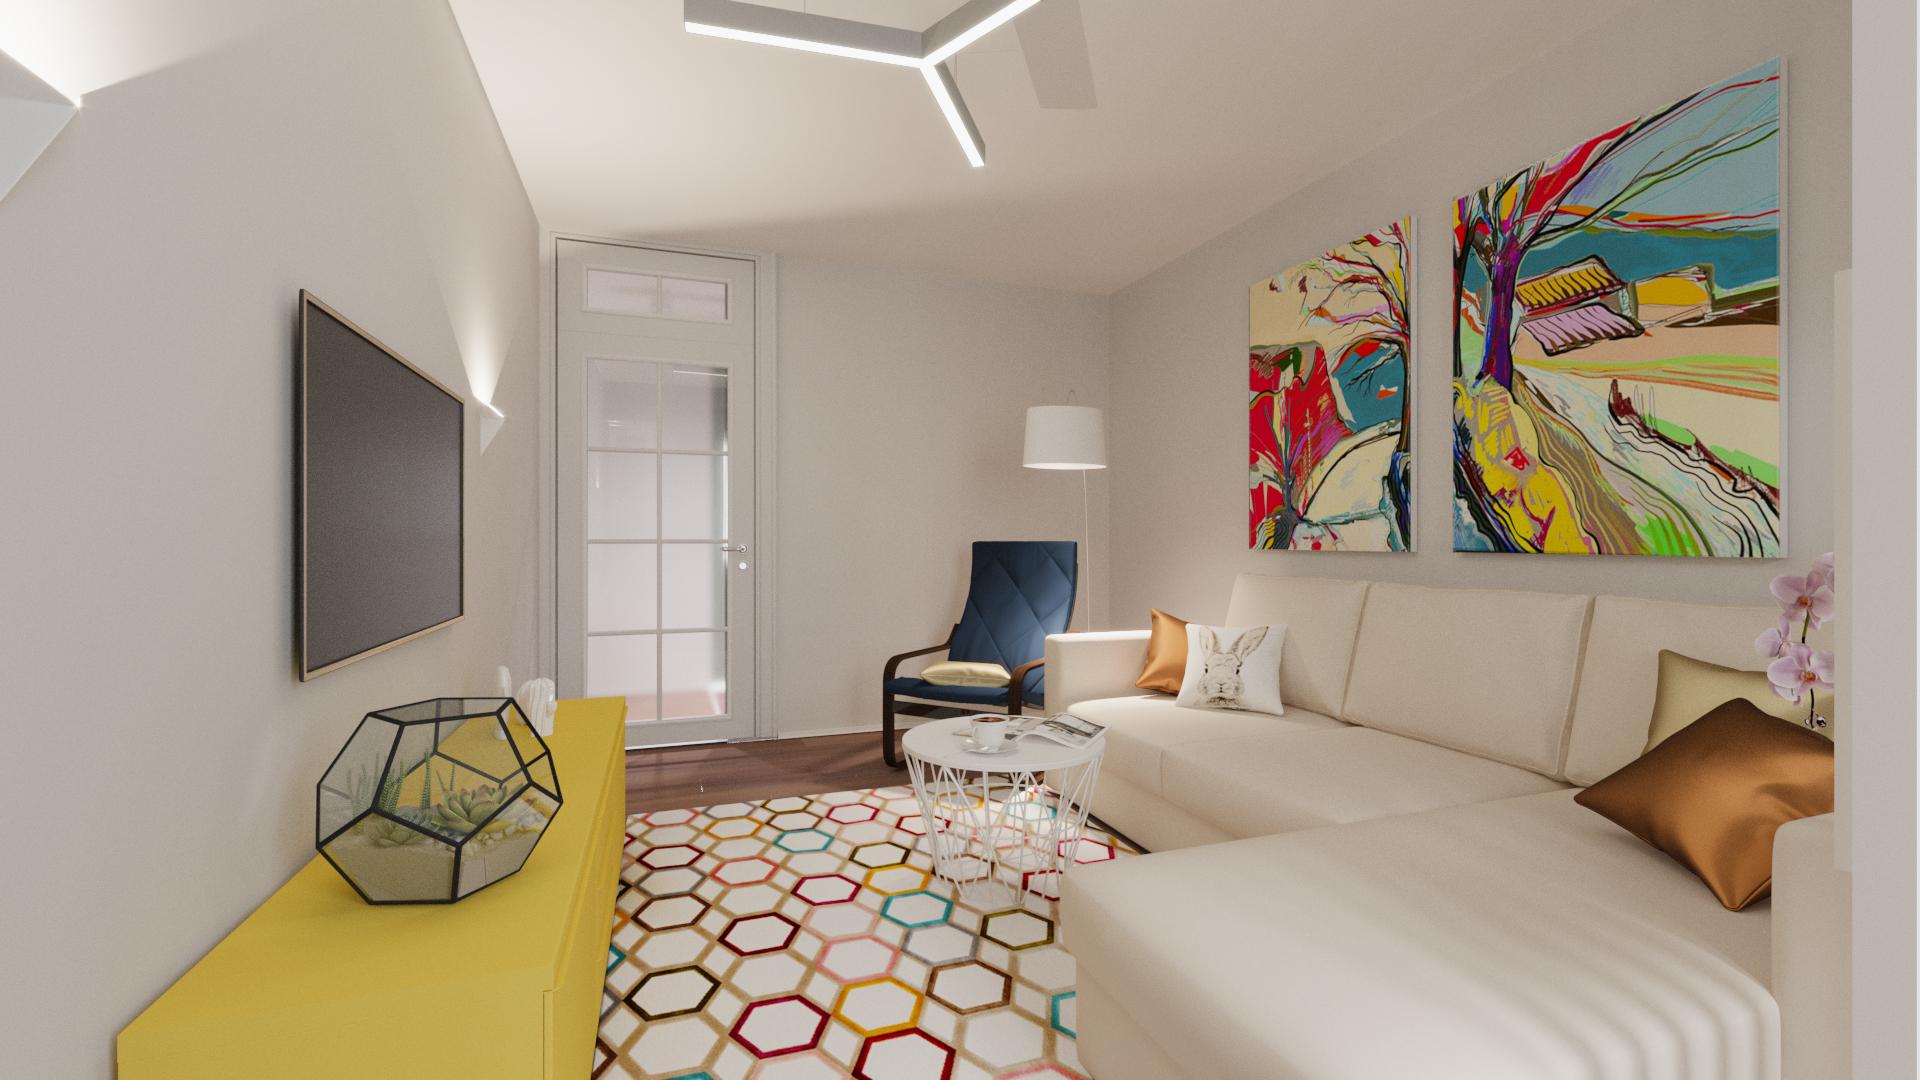 Фото Визуализация гостиной в рамках дизайн проекта. Квартира 54 кв.м